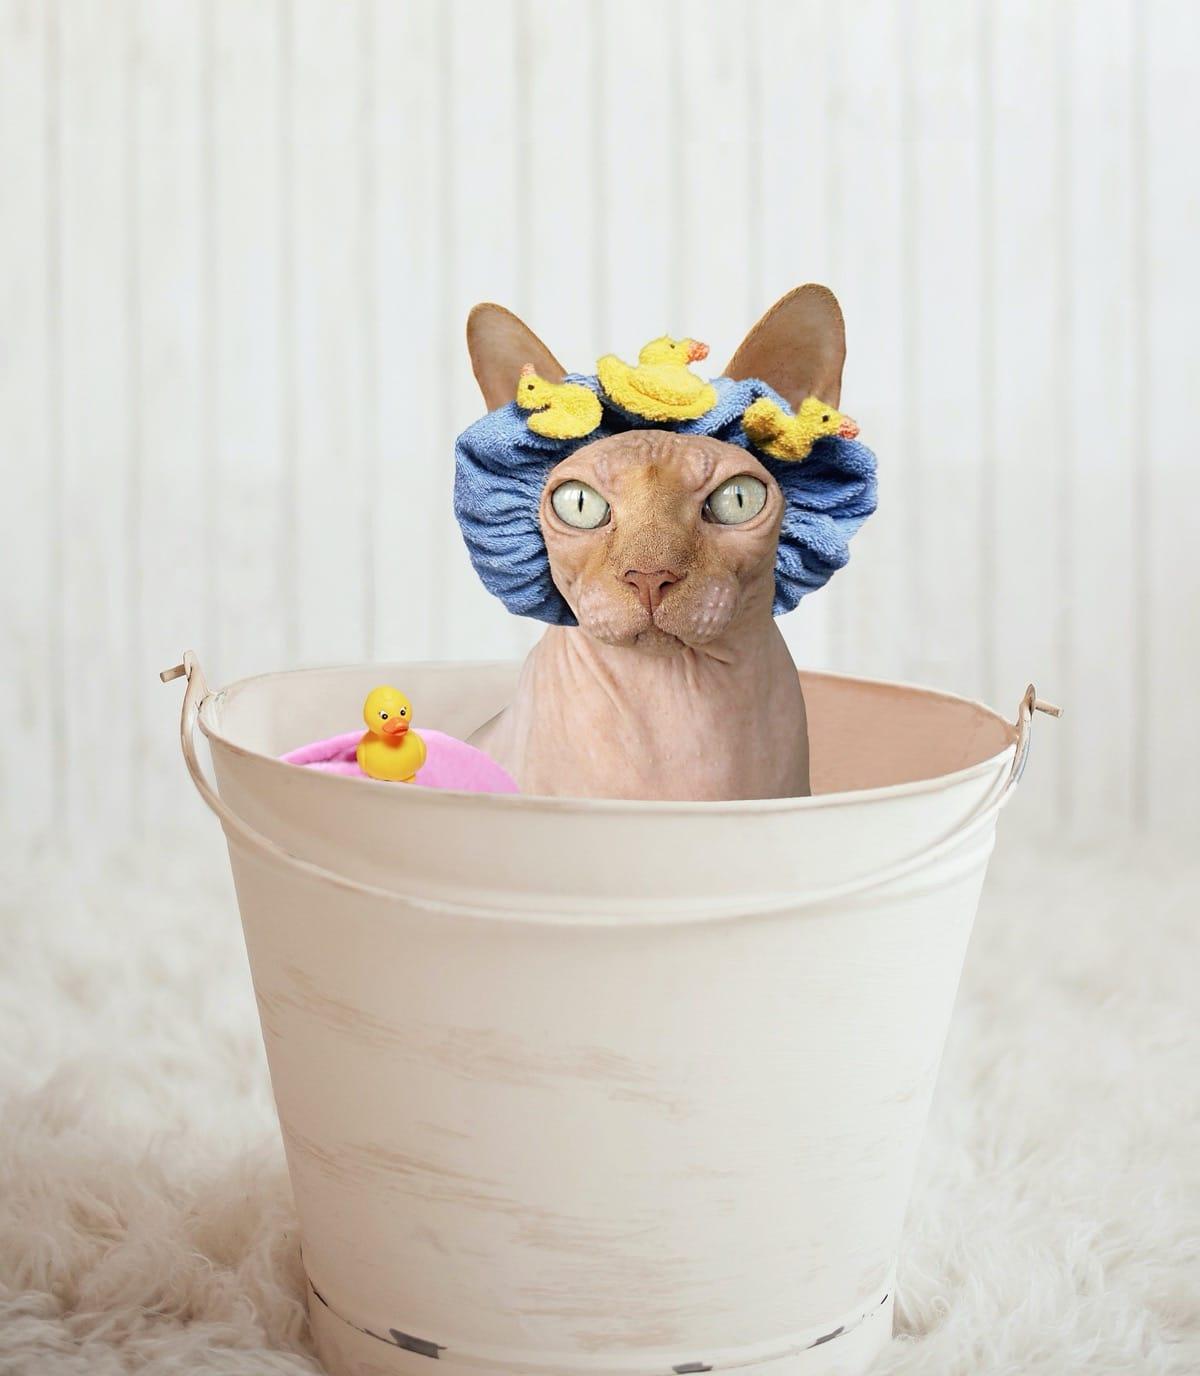 A los gatos no les suele gustar que los bañen